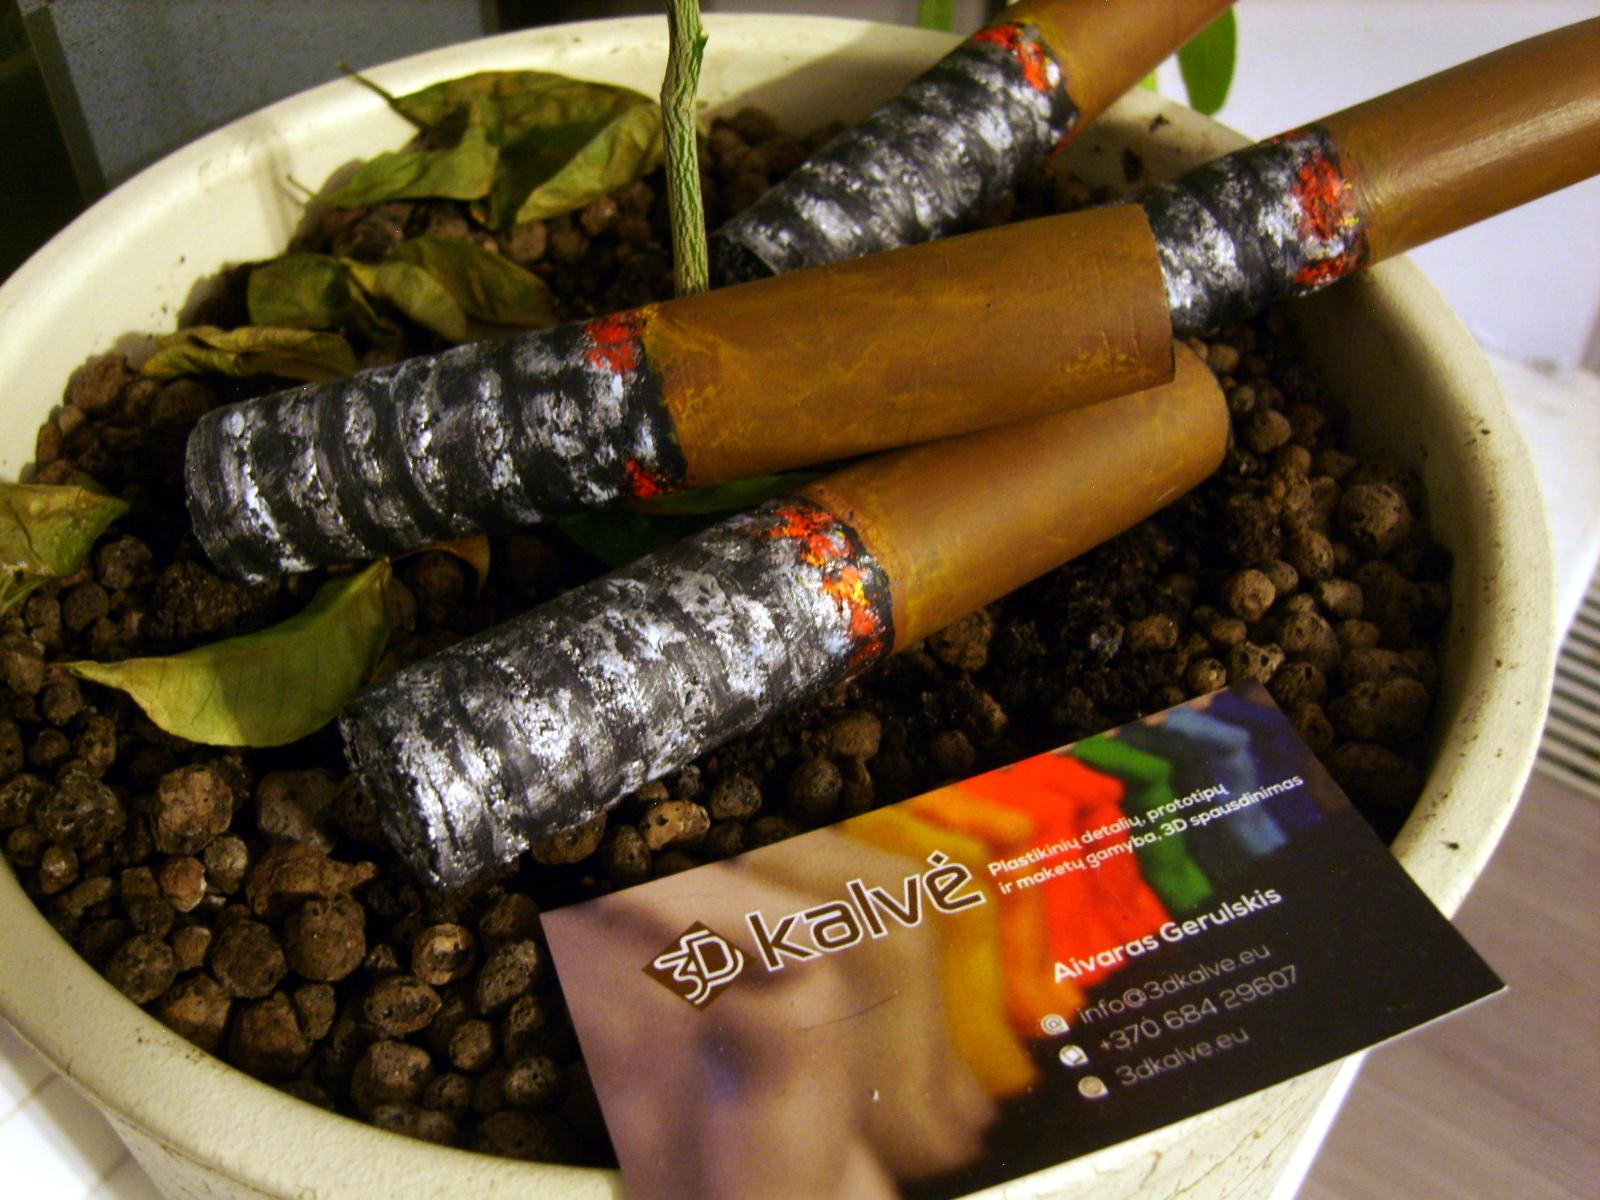 cigarai